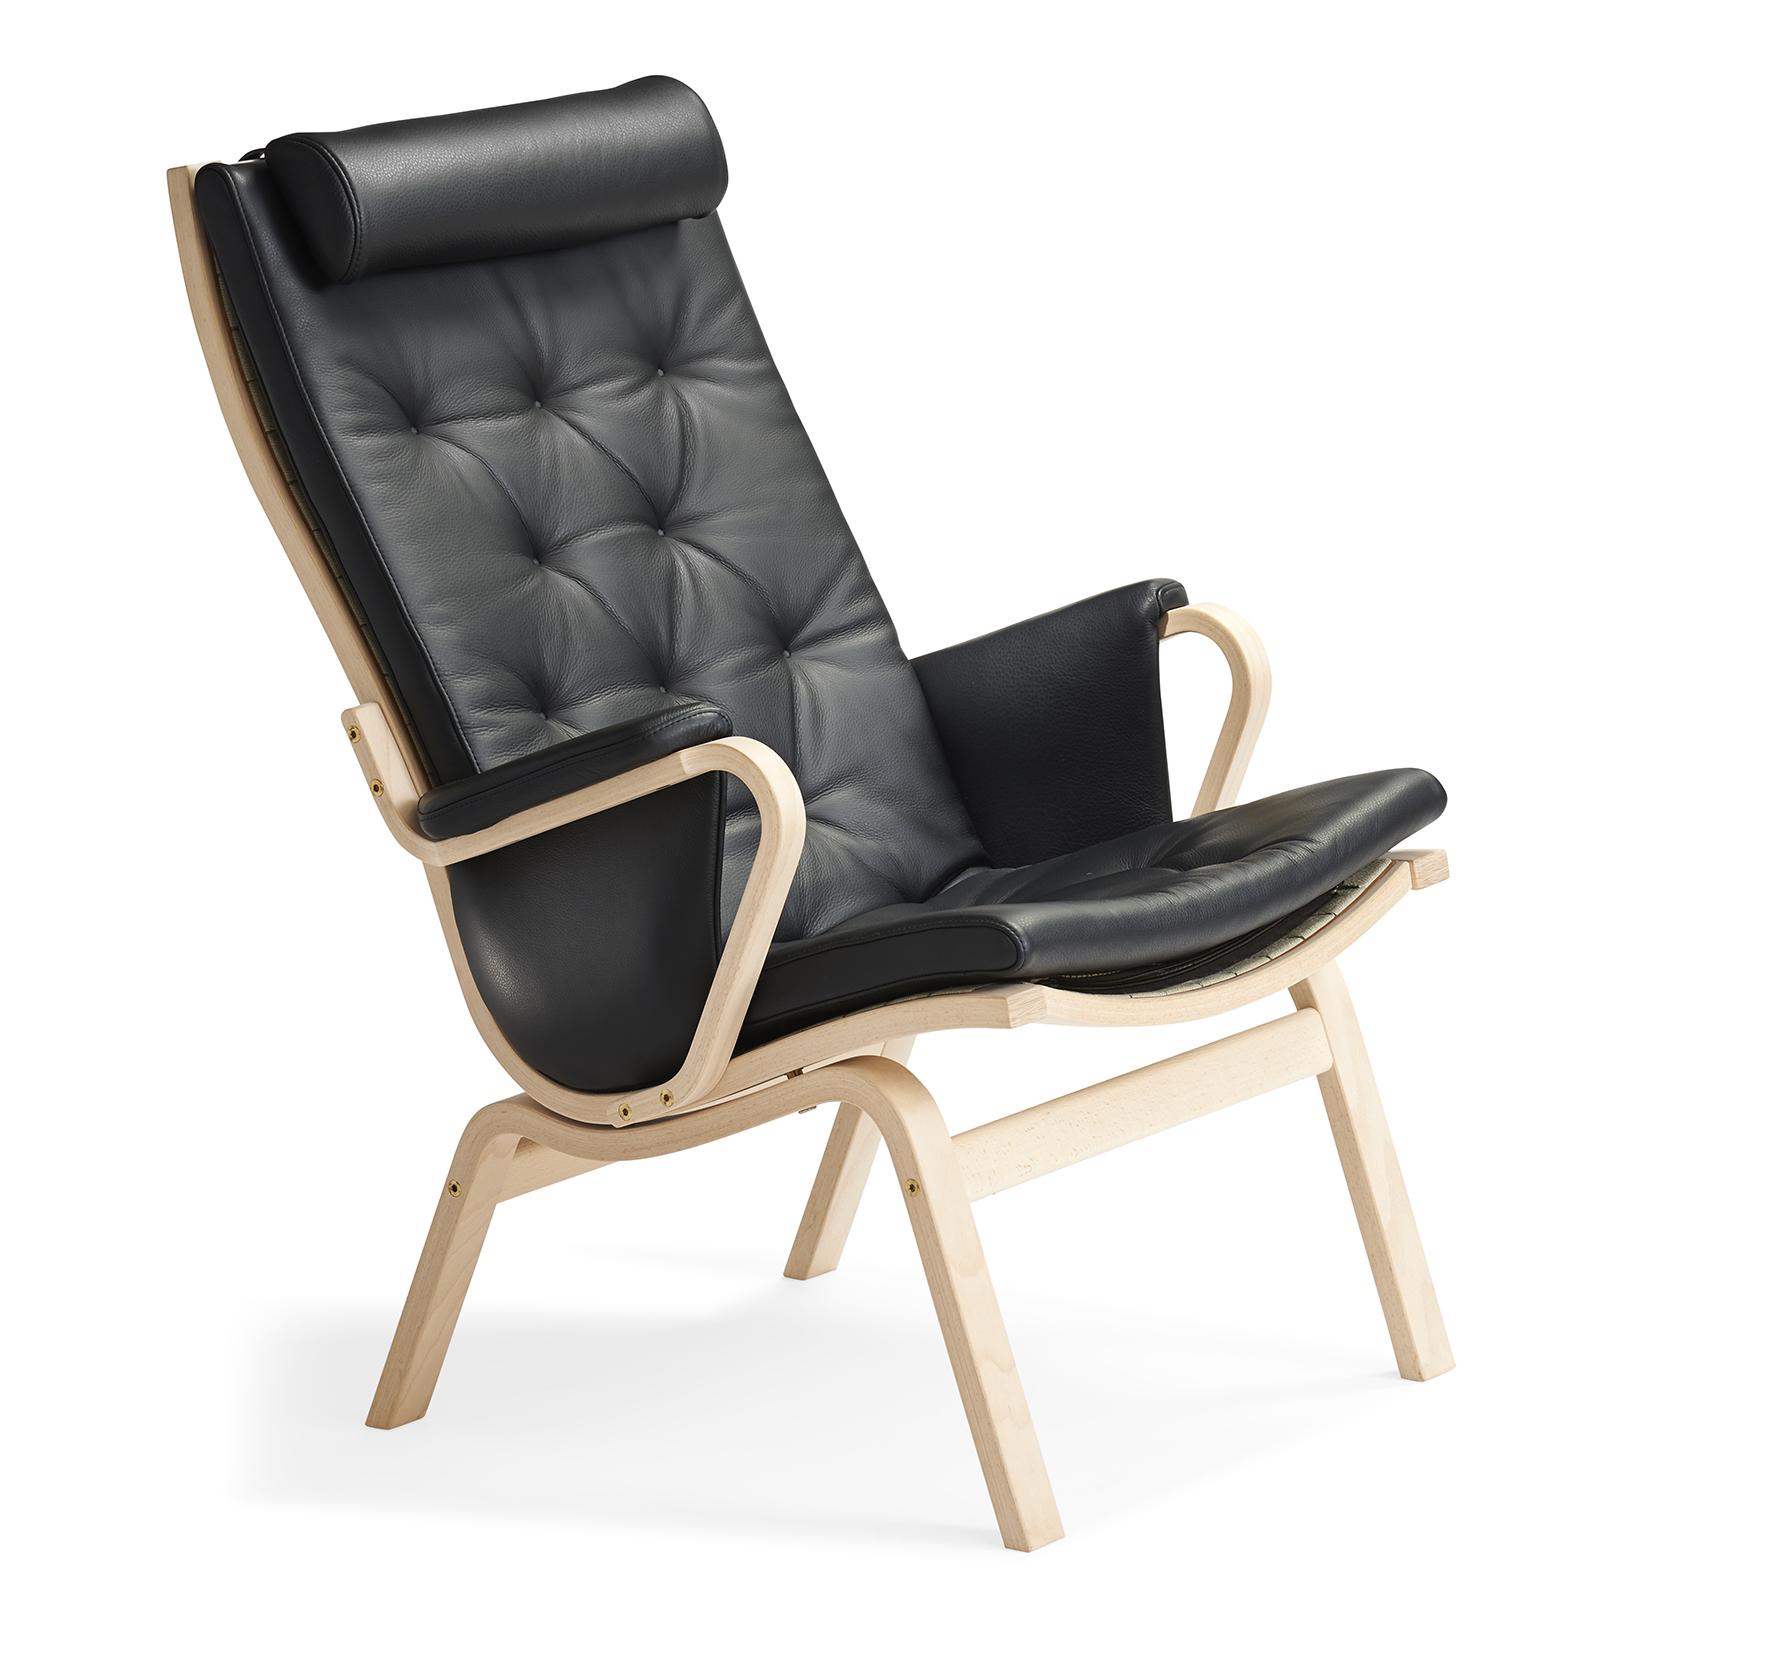 Af modish Stouby Møbler - Køb lænestole hos Møbelgården Mårslet PH59